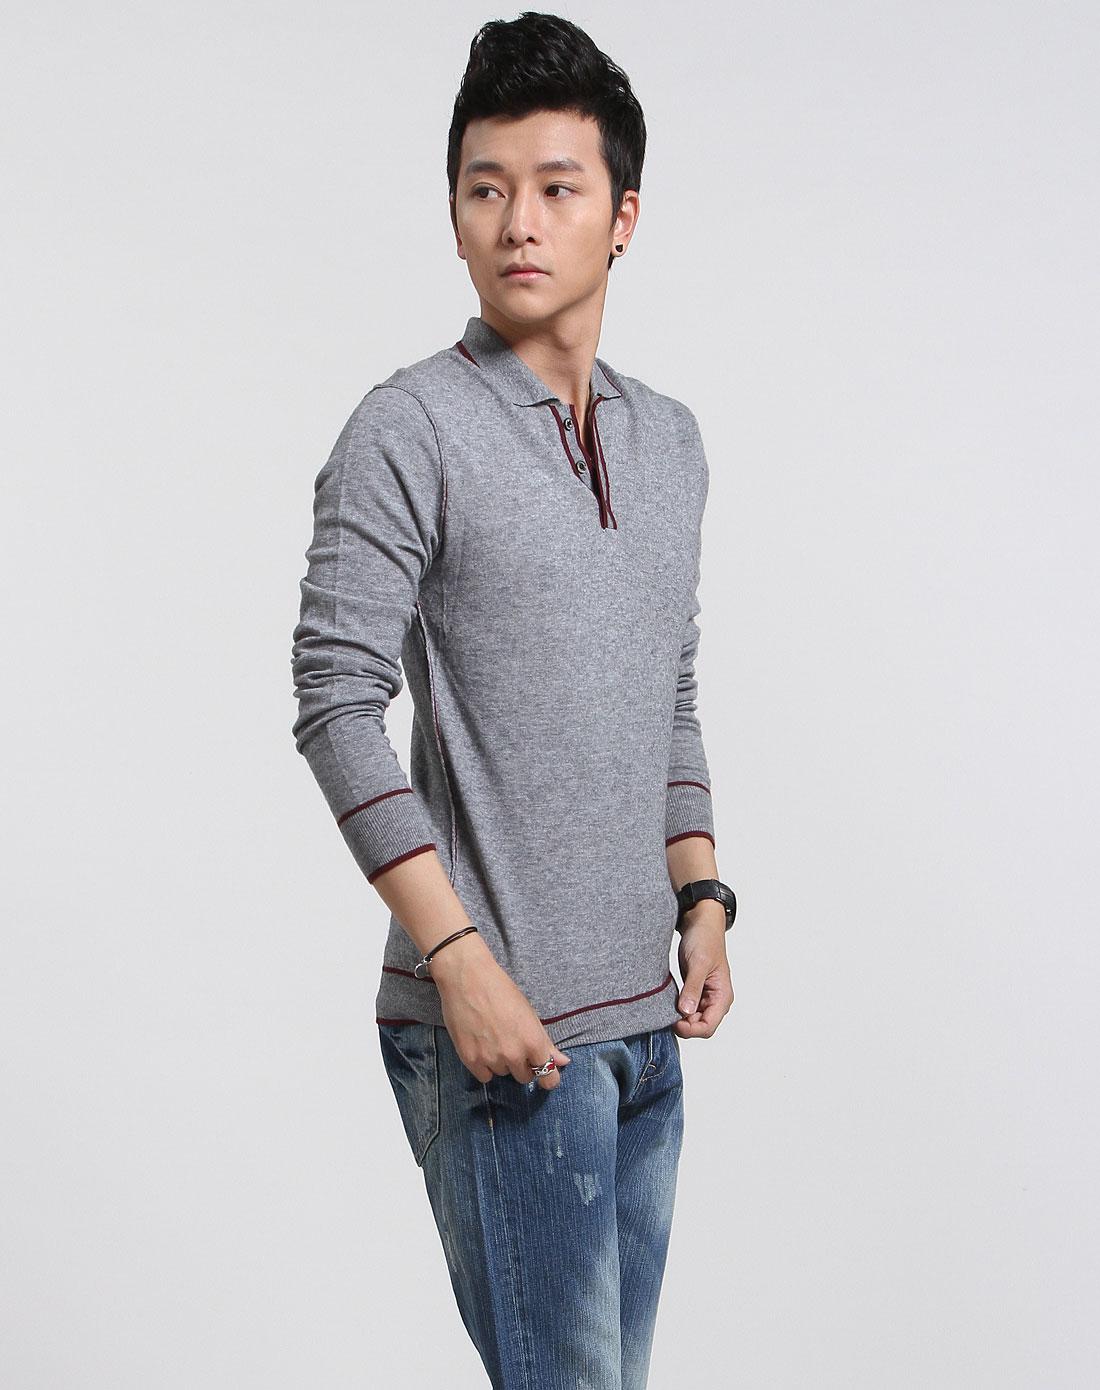 asobio男士专场-烟灰色休闲翻领长袖毛衫